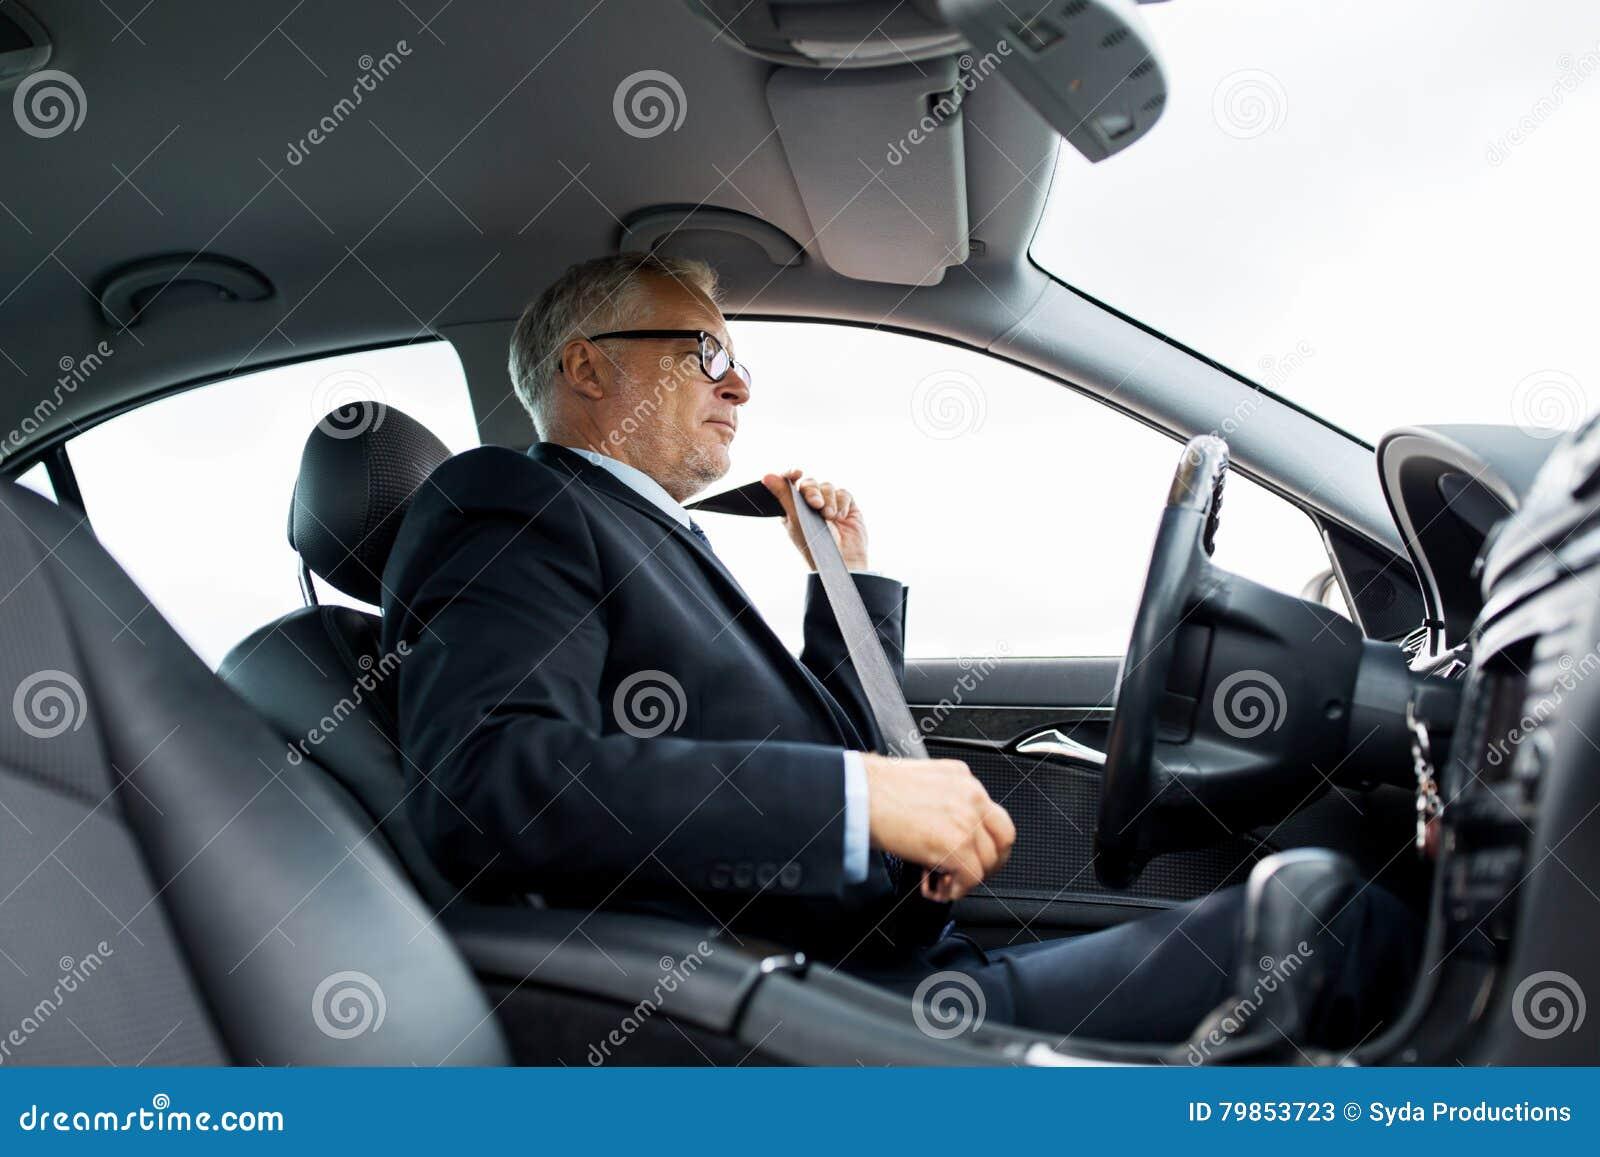 Correia de banco de carro superior da asseguração do homem de negócios